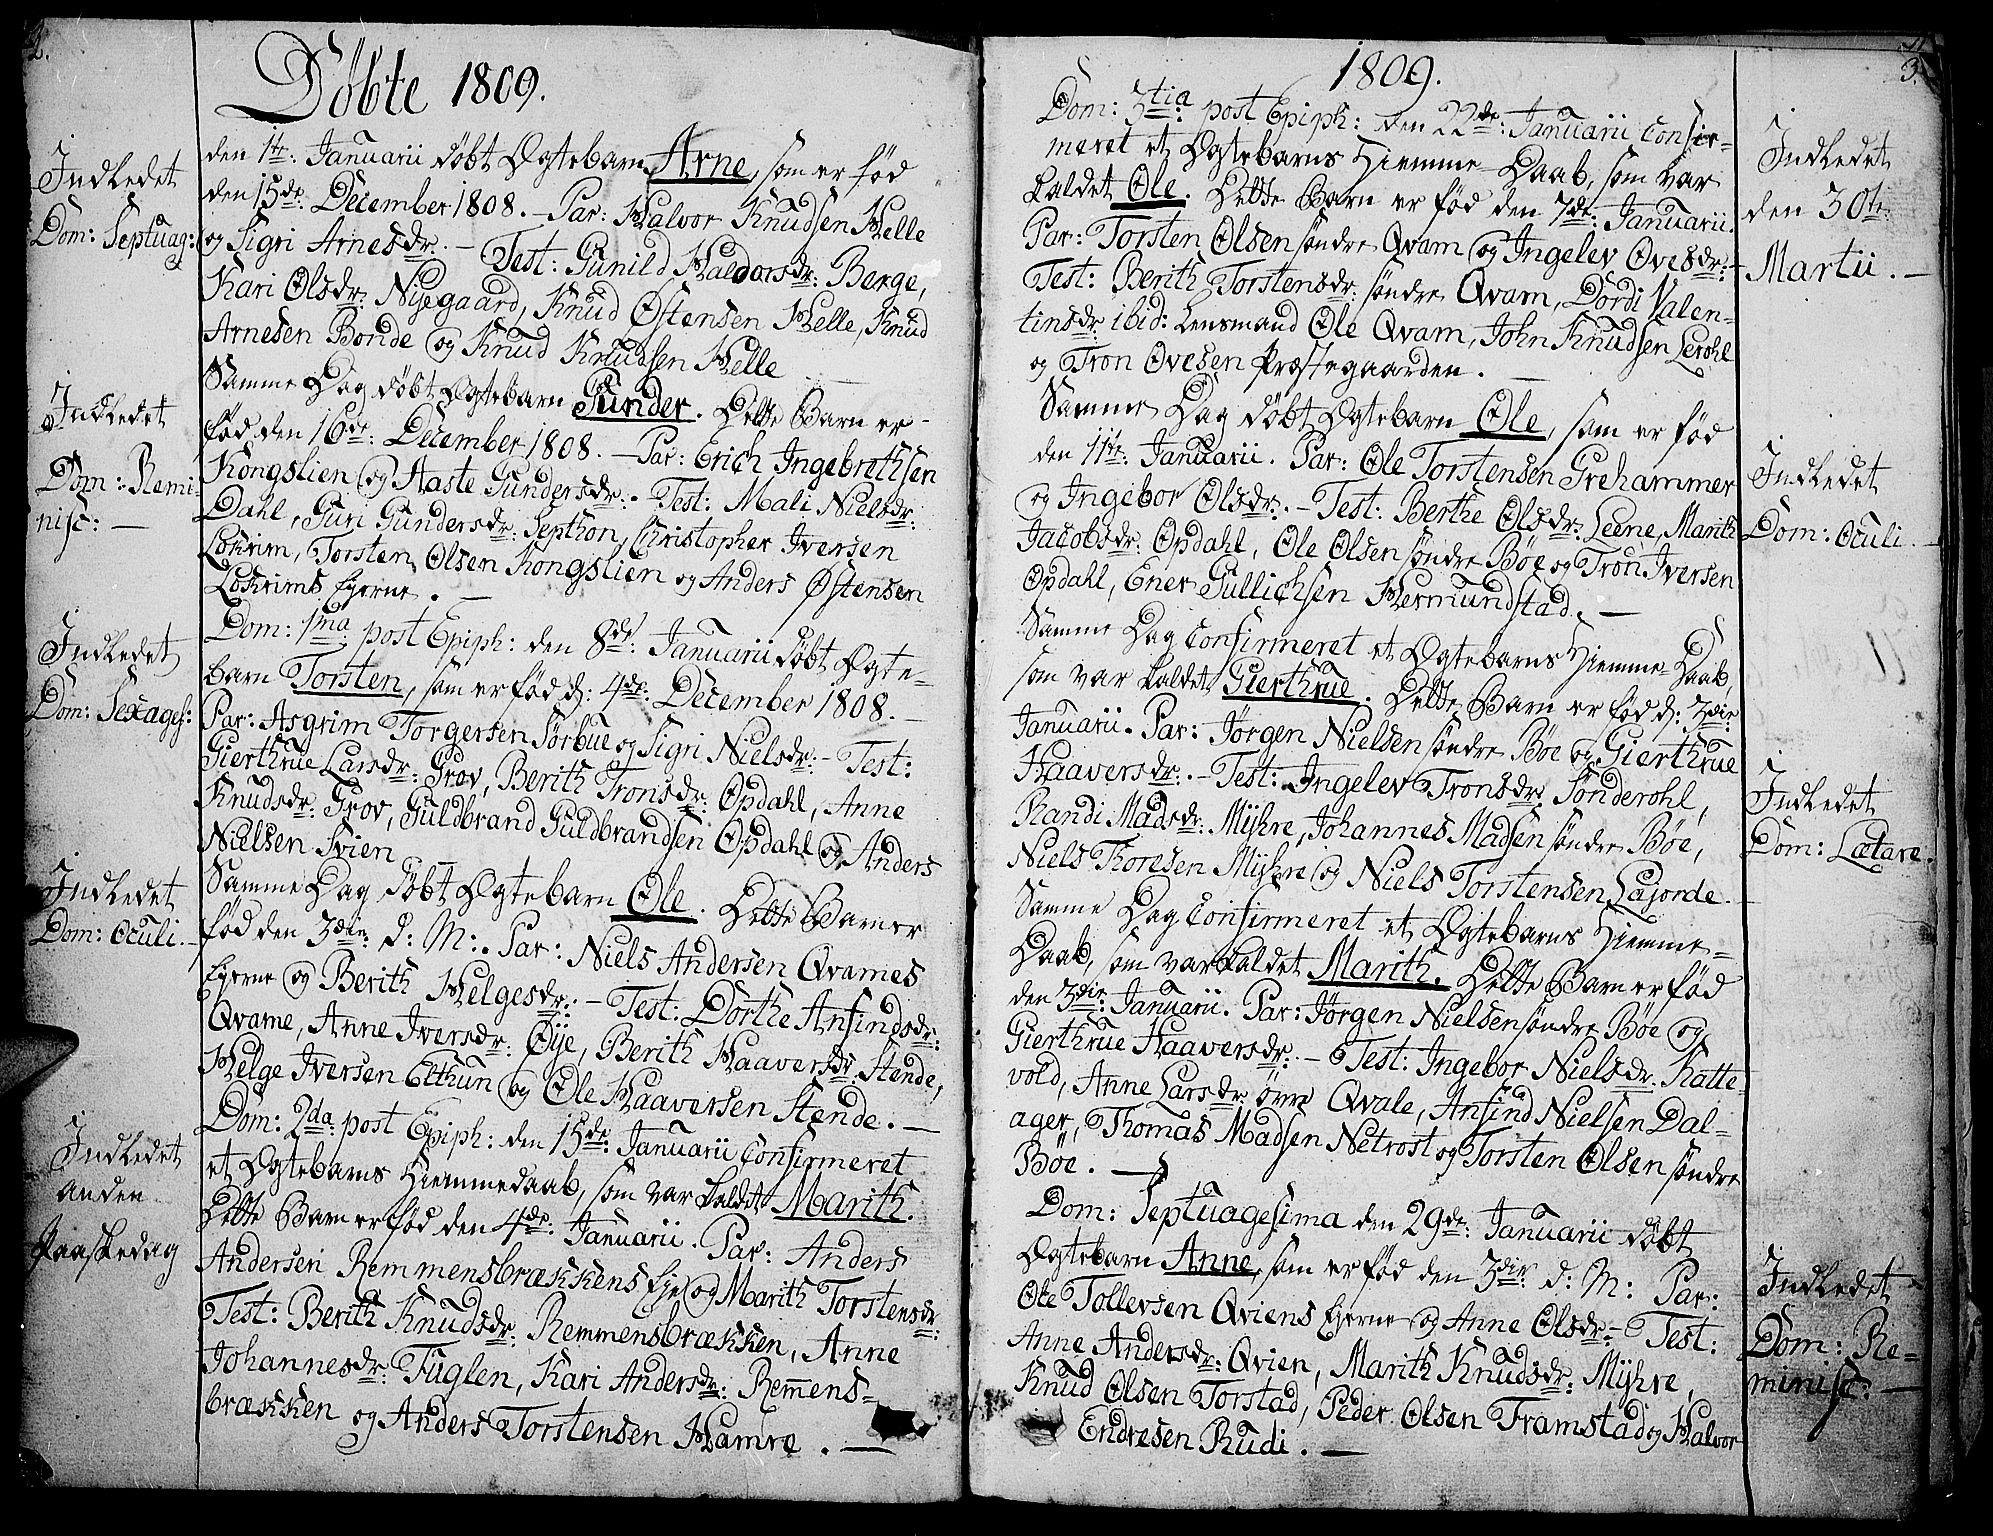 SAH, Vang prestekontor, Valdres, Ministerialbok nr. 3, 1809-1831, s. 2-3